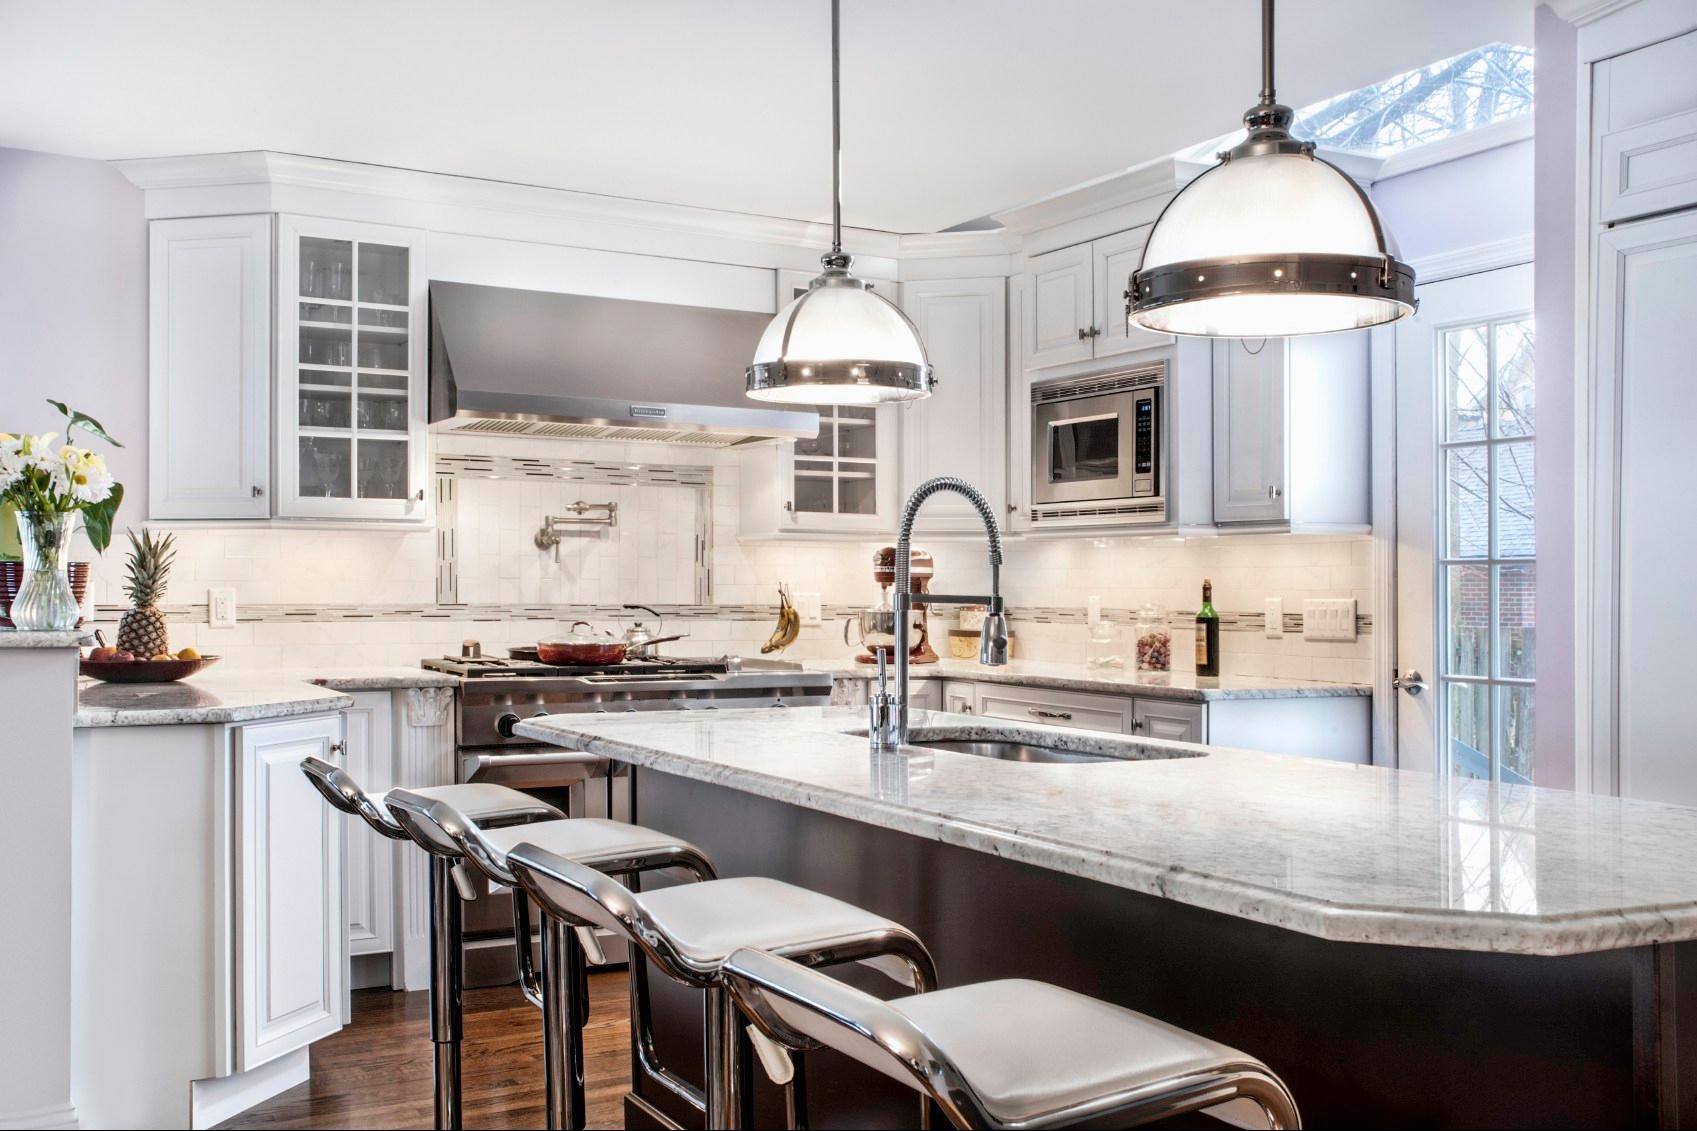 Ini 10 Trik Untuk Desain Dapur Kecil Agar Seperti Dapur Chef